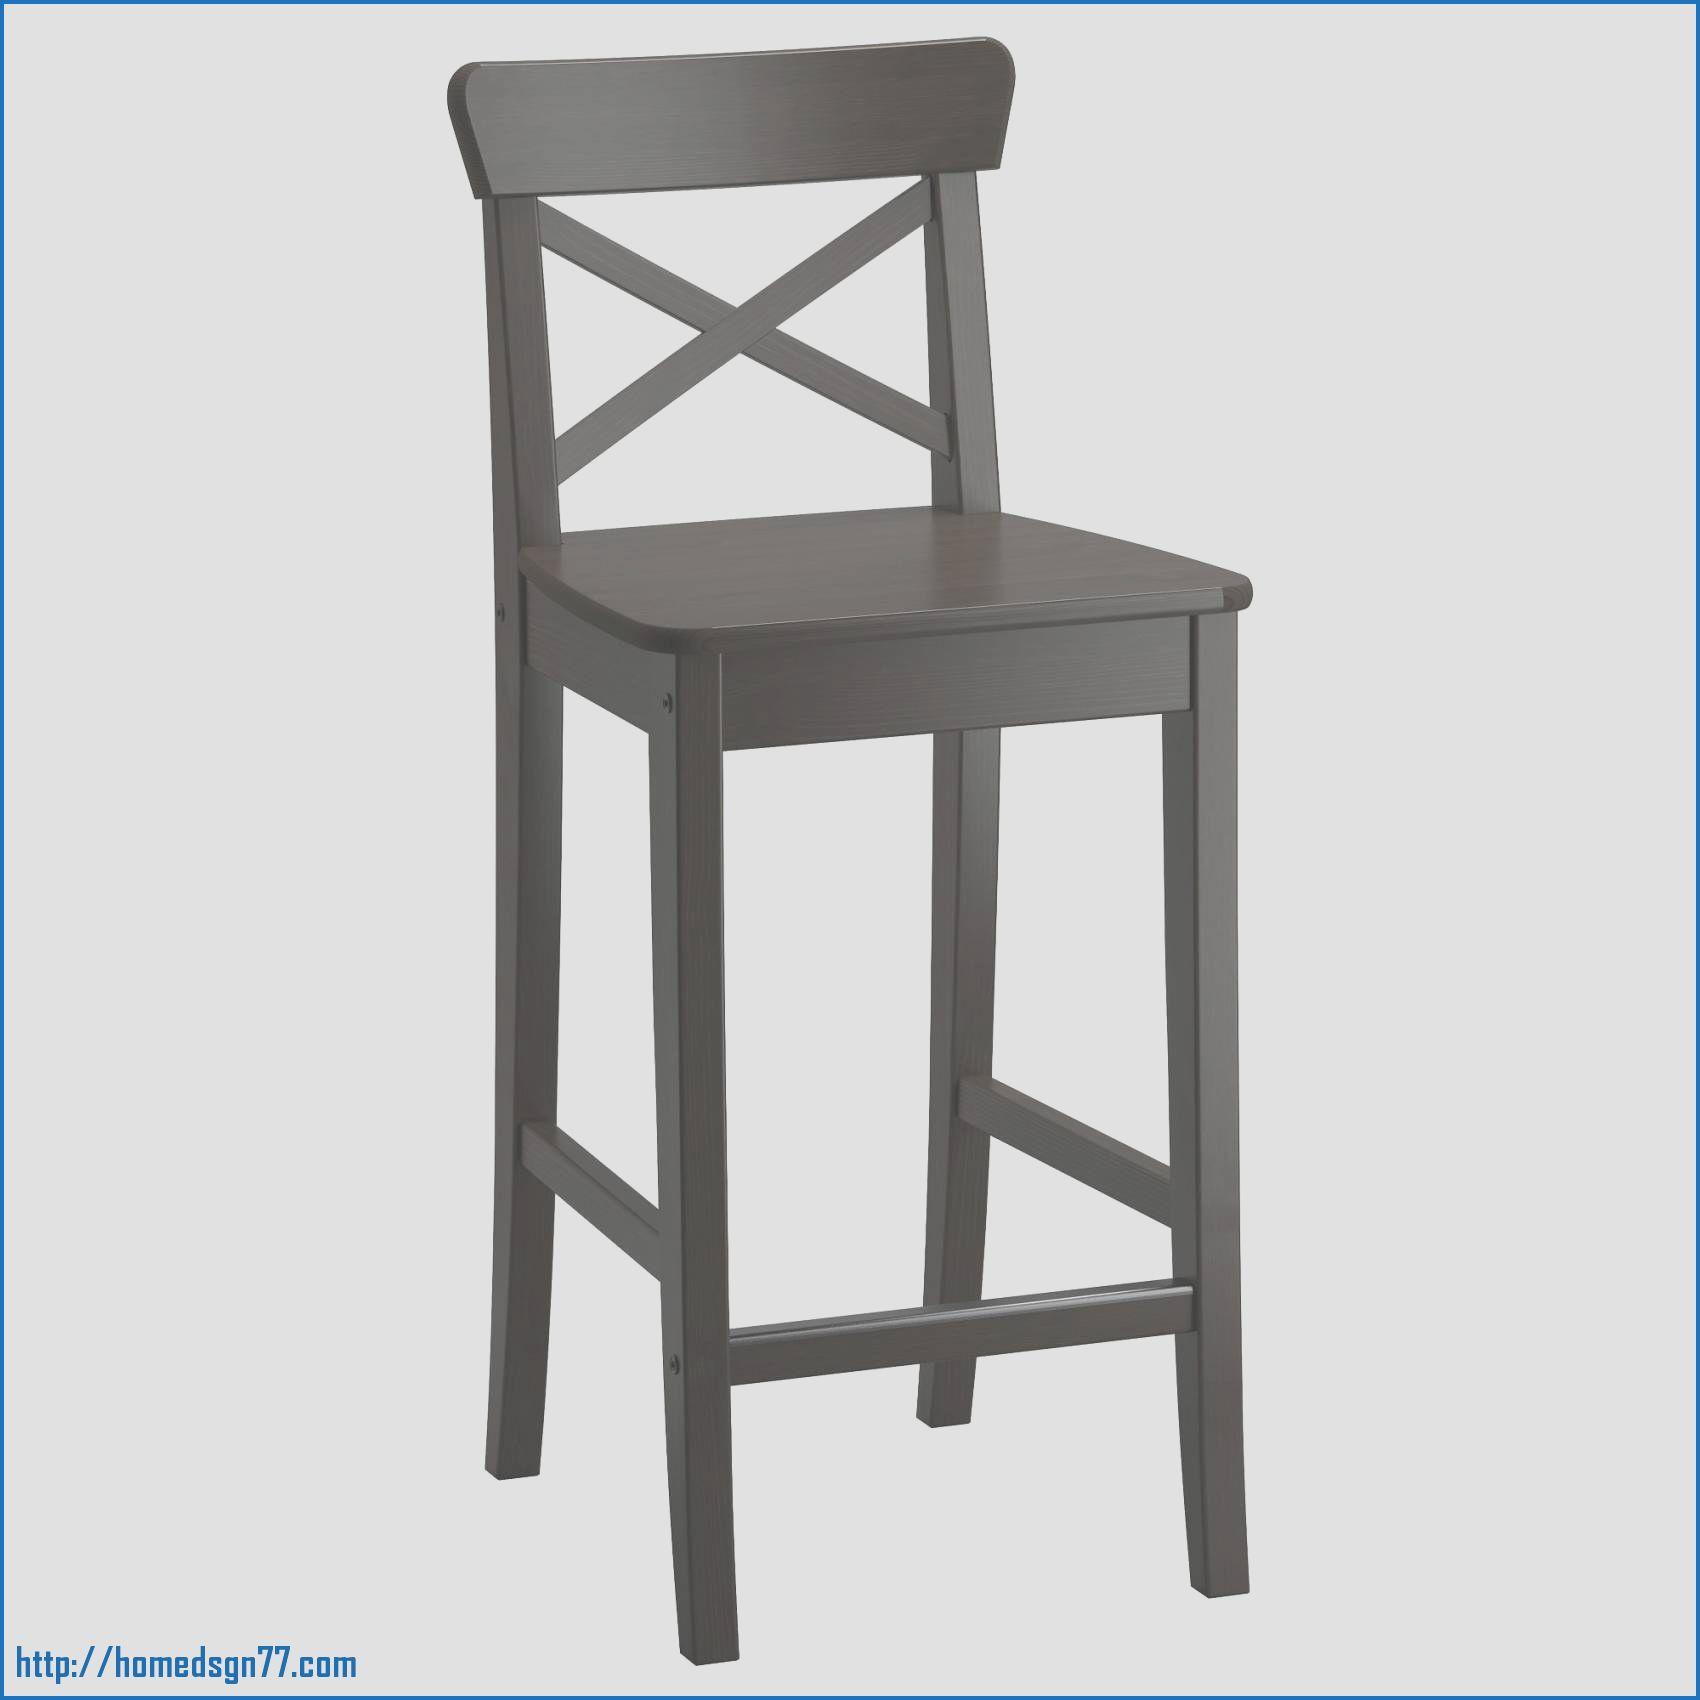 tabouret bar 63 cm maison et mobilier d 39 int rieur. Black Bedroom Furniture Sets. Home Design Ideas